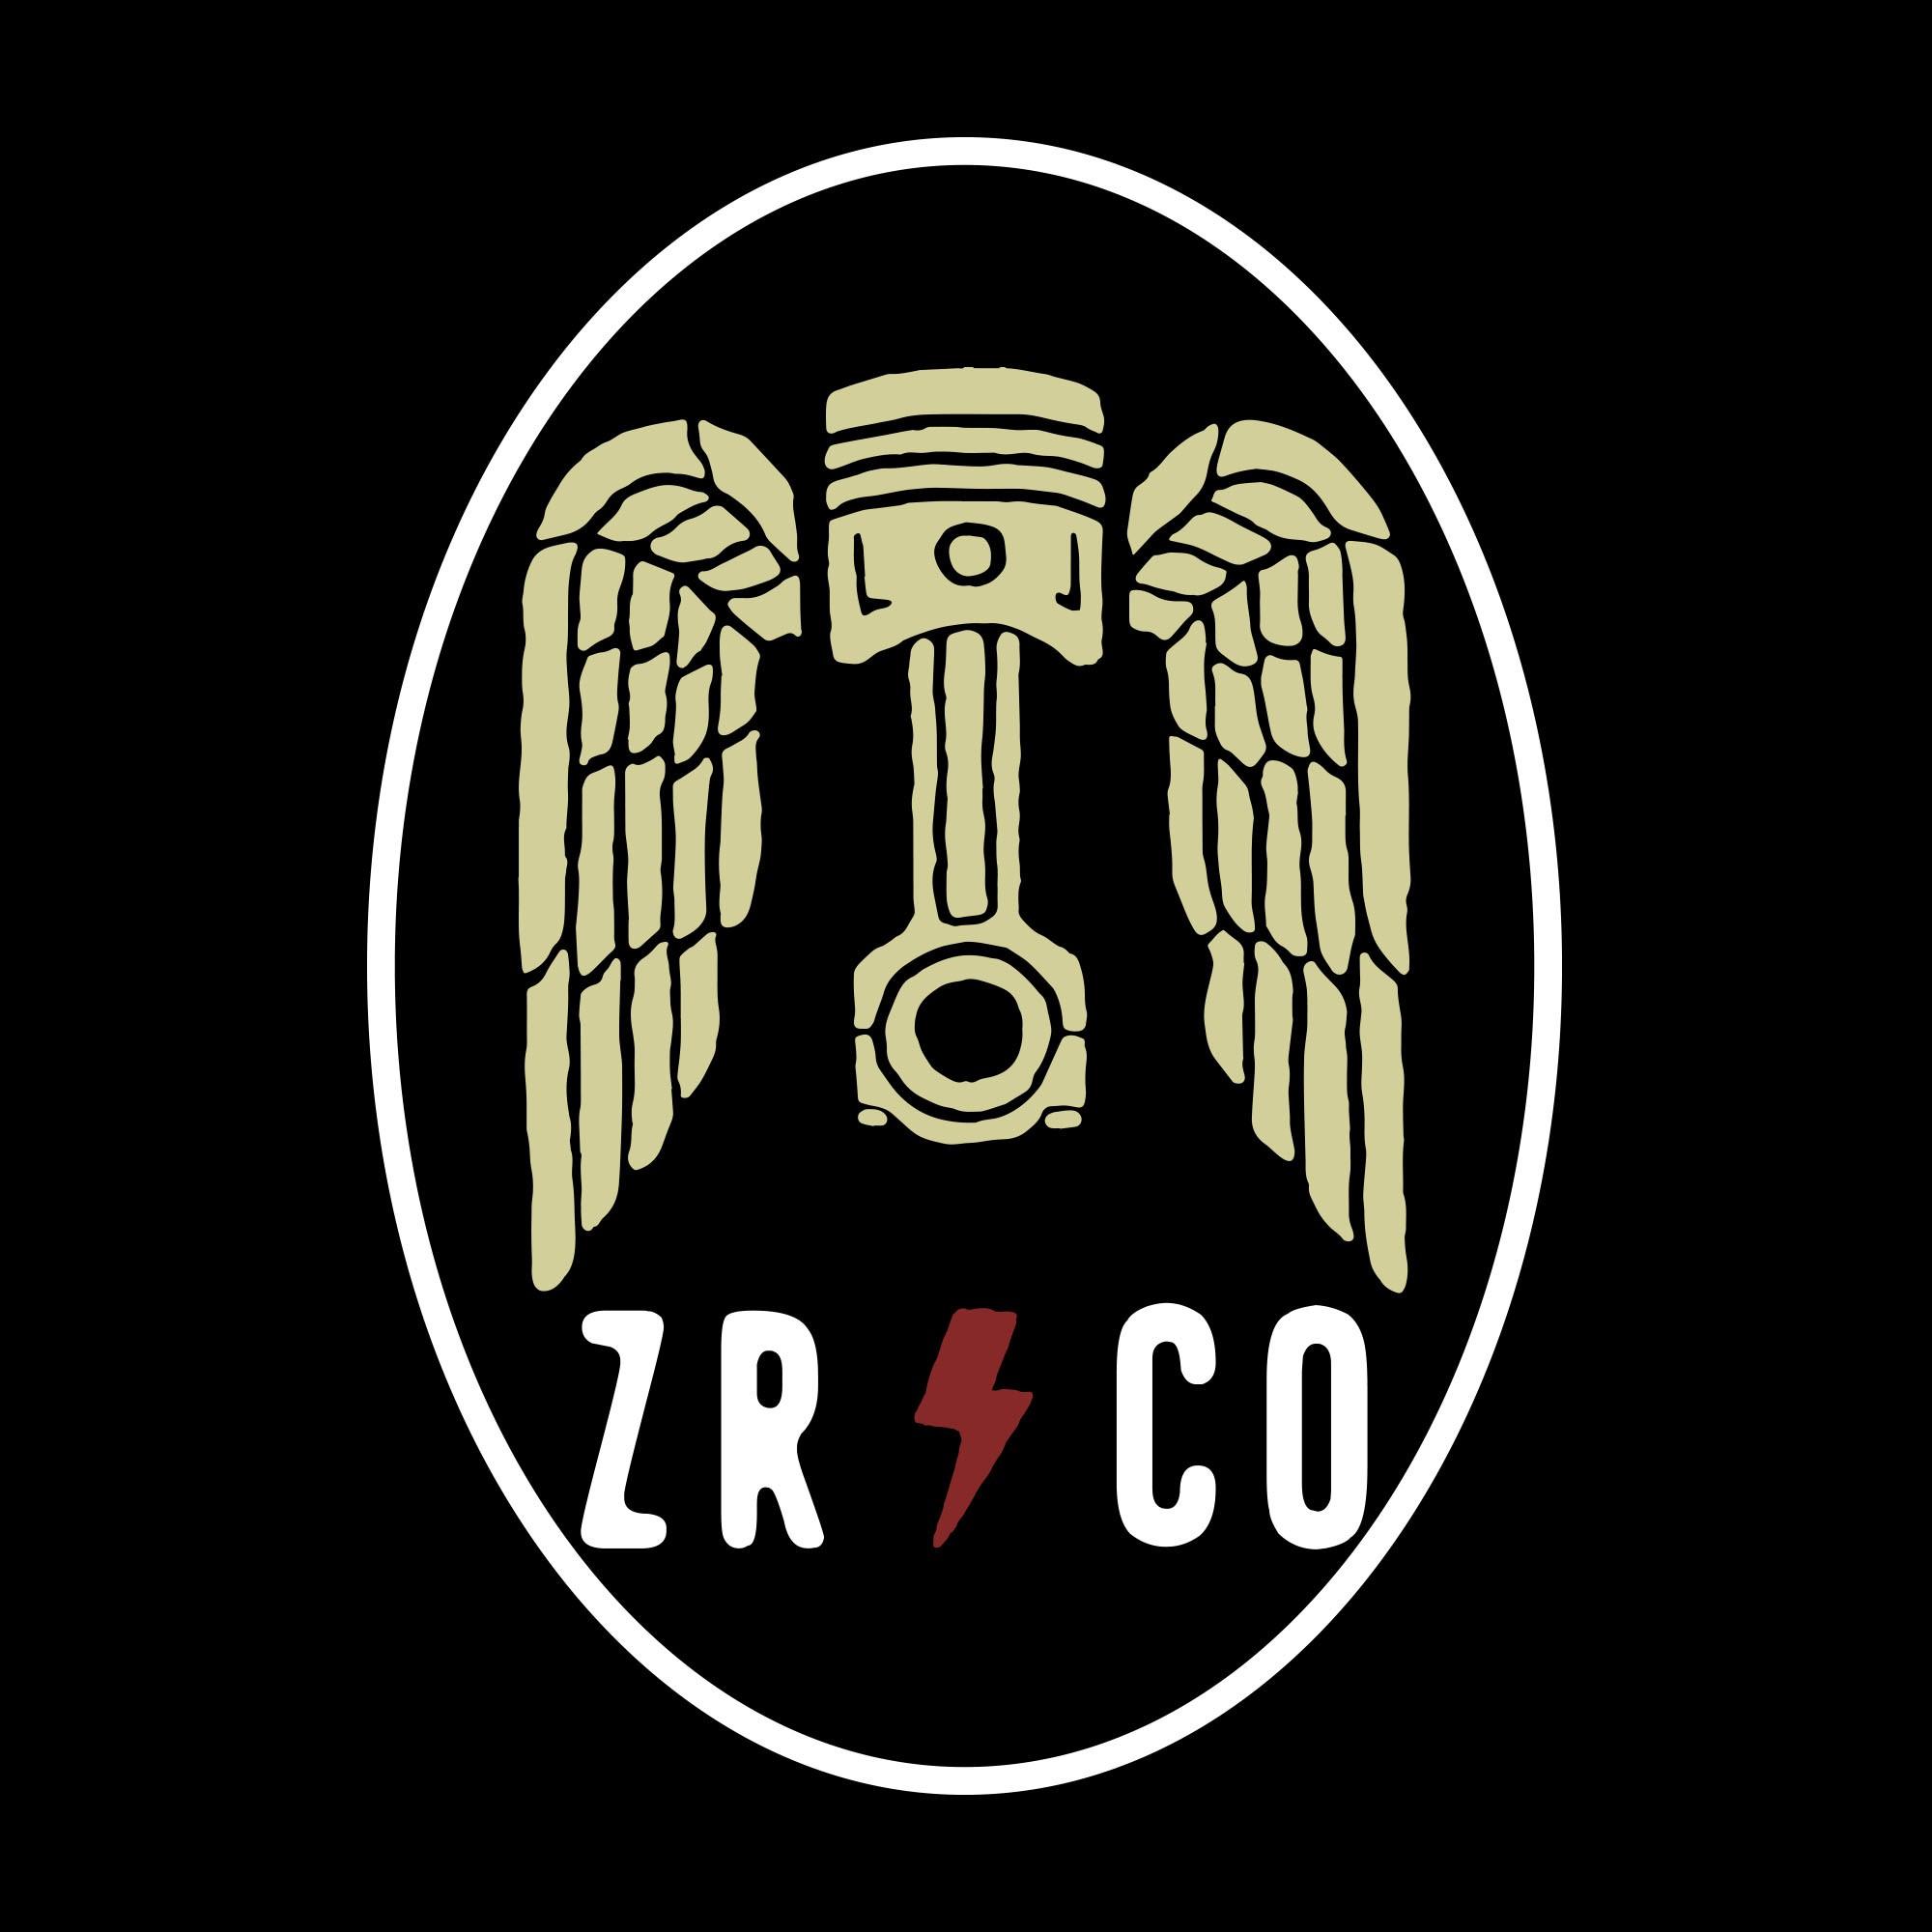 Vintage logo design for Hotrod clothing company slanging engines for old cars!!!